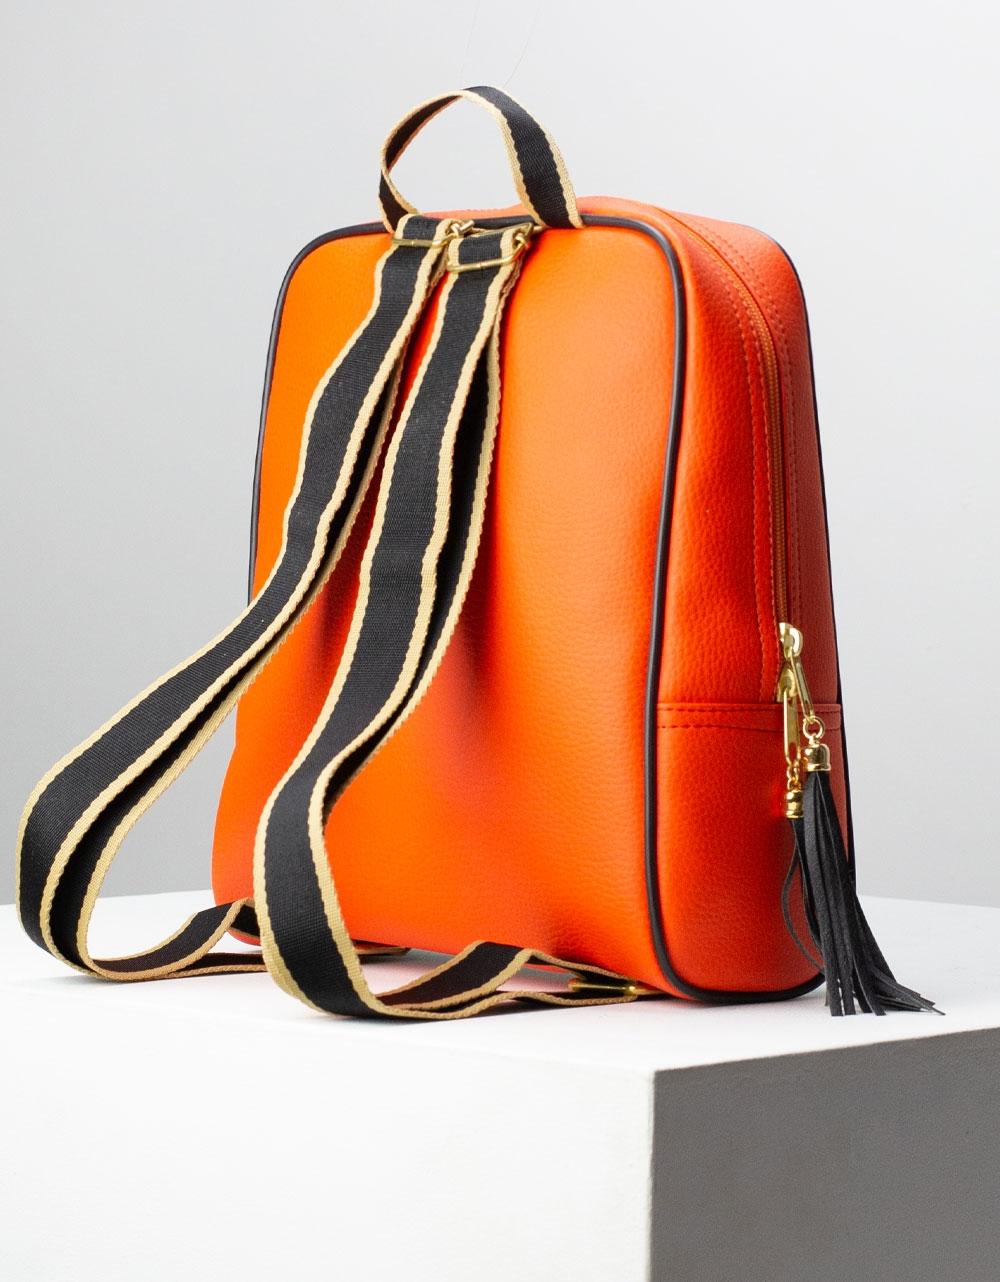 Εικόνα από Γυναικεία σακίδια πλάτης με φιγούρα μπαλαρίνα Πορτοκαλί